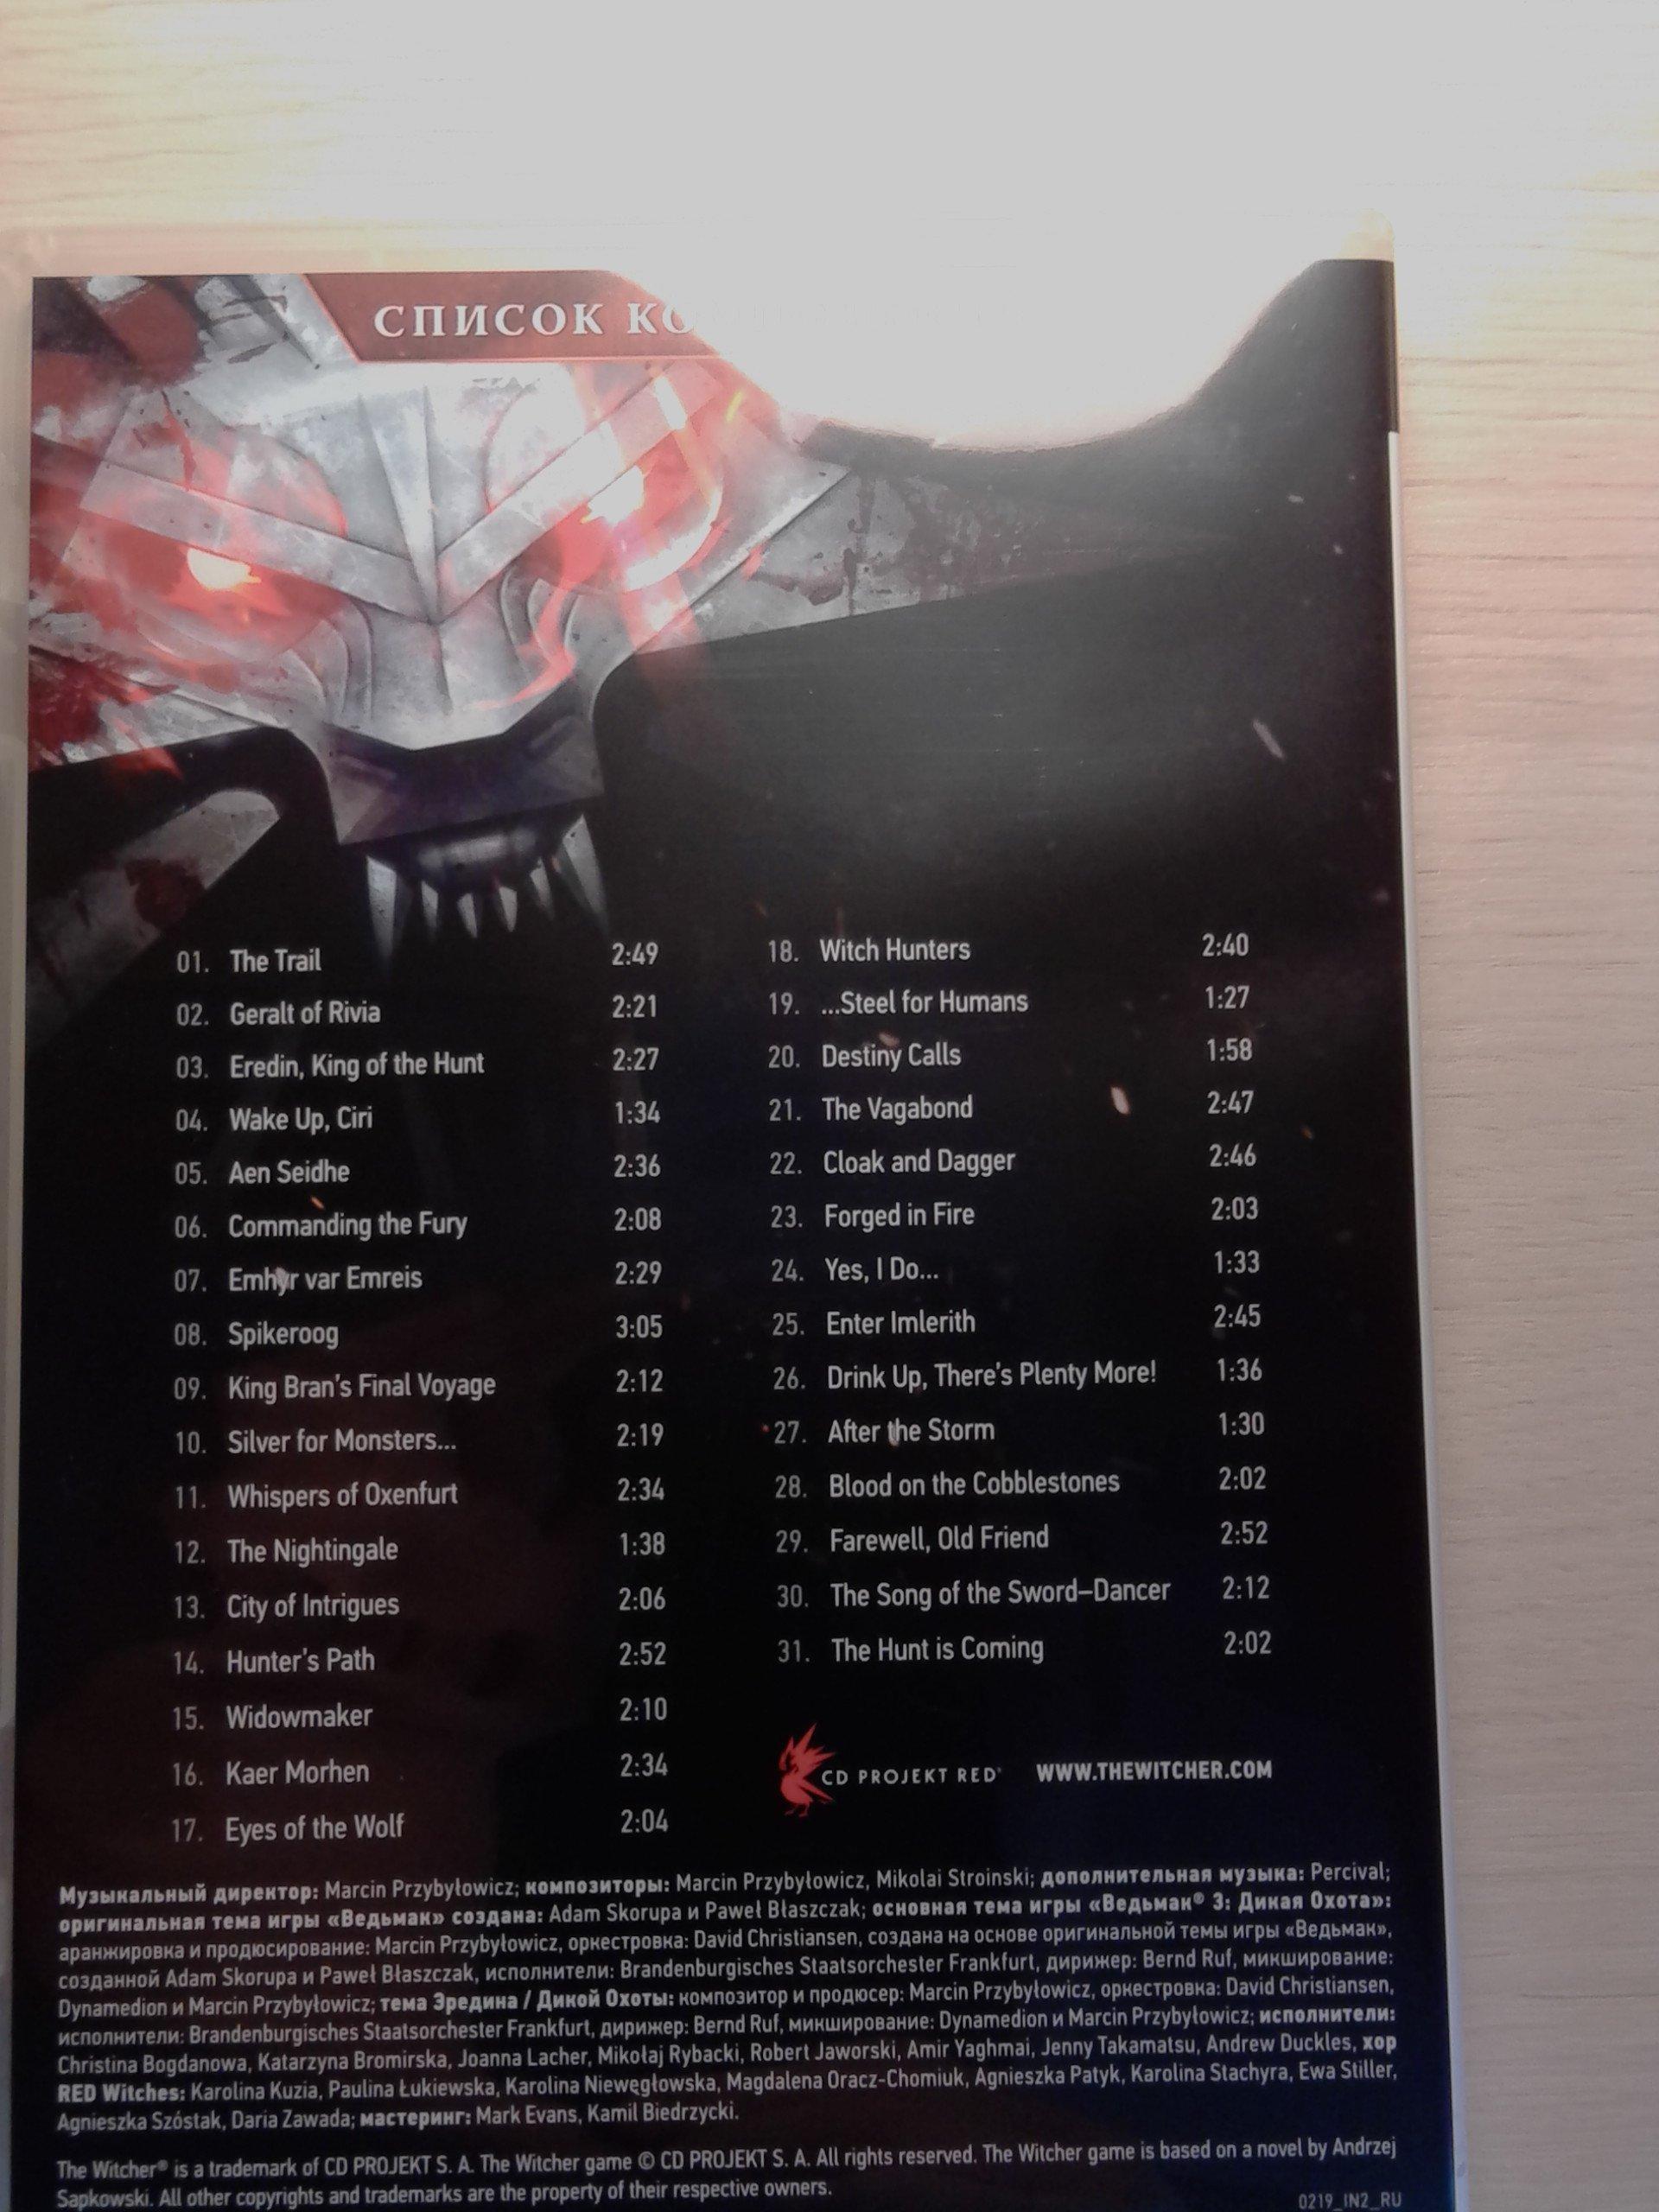 The Witcher 3: Wild Hunt. Распаковка коллекционного издания игры!     После долгого и томительного ожидания, сквозь  ... - Изображение 25